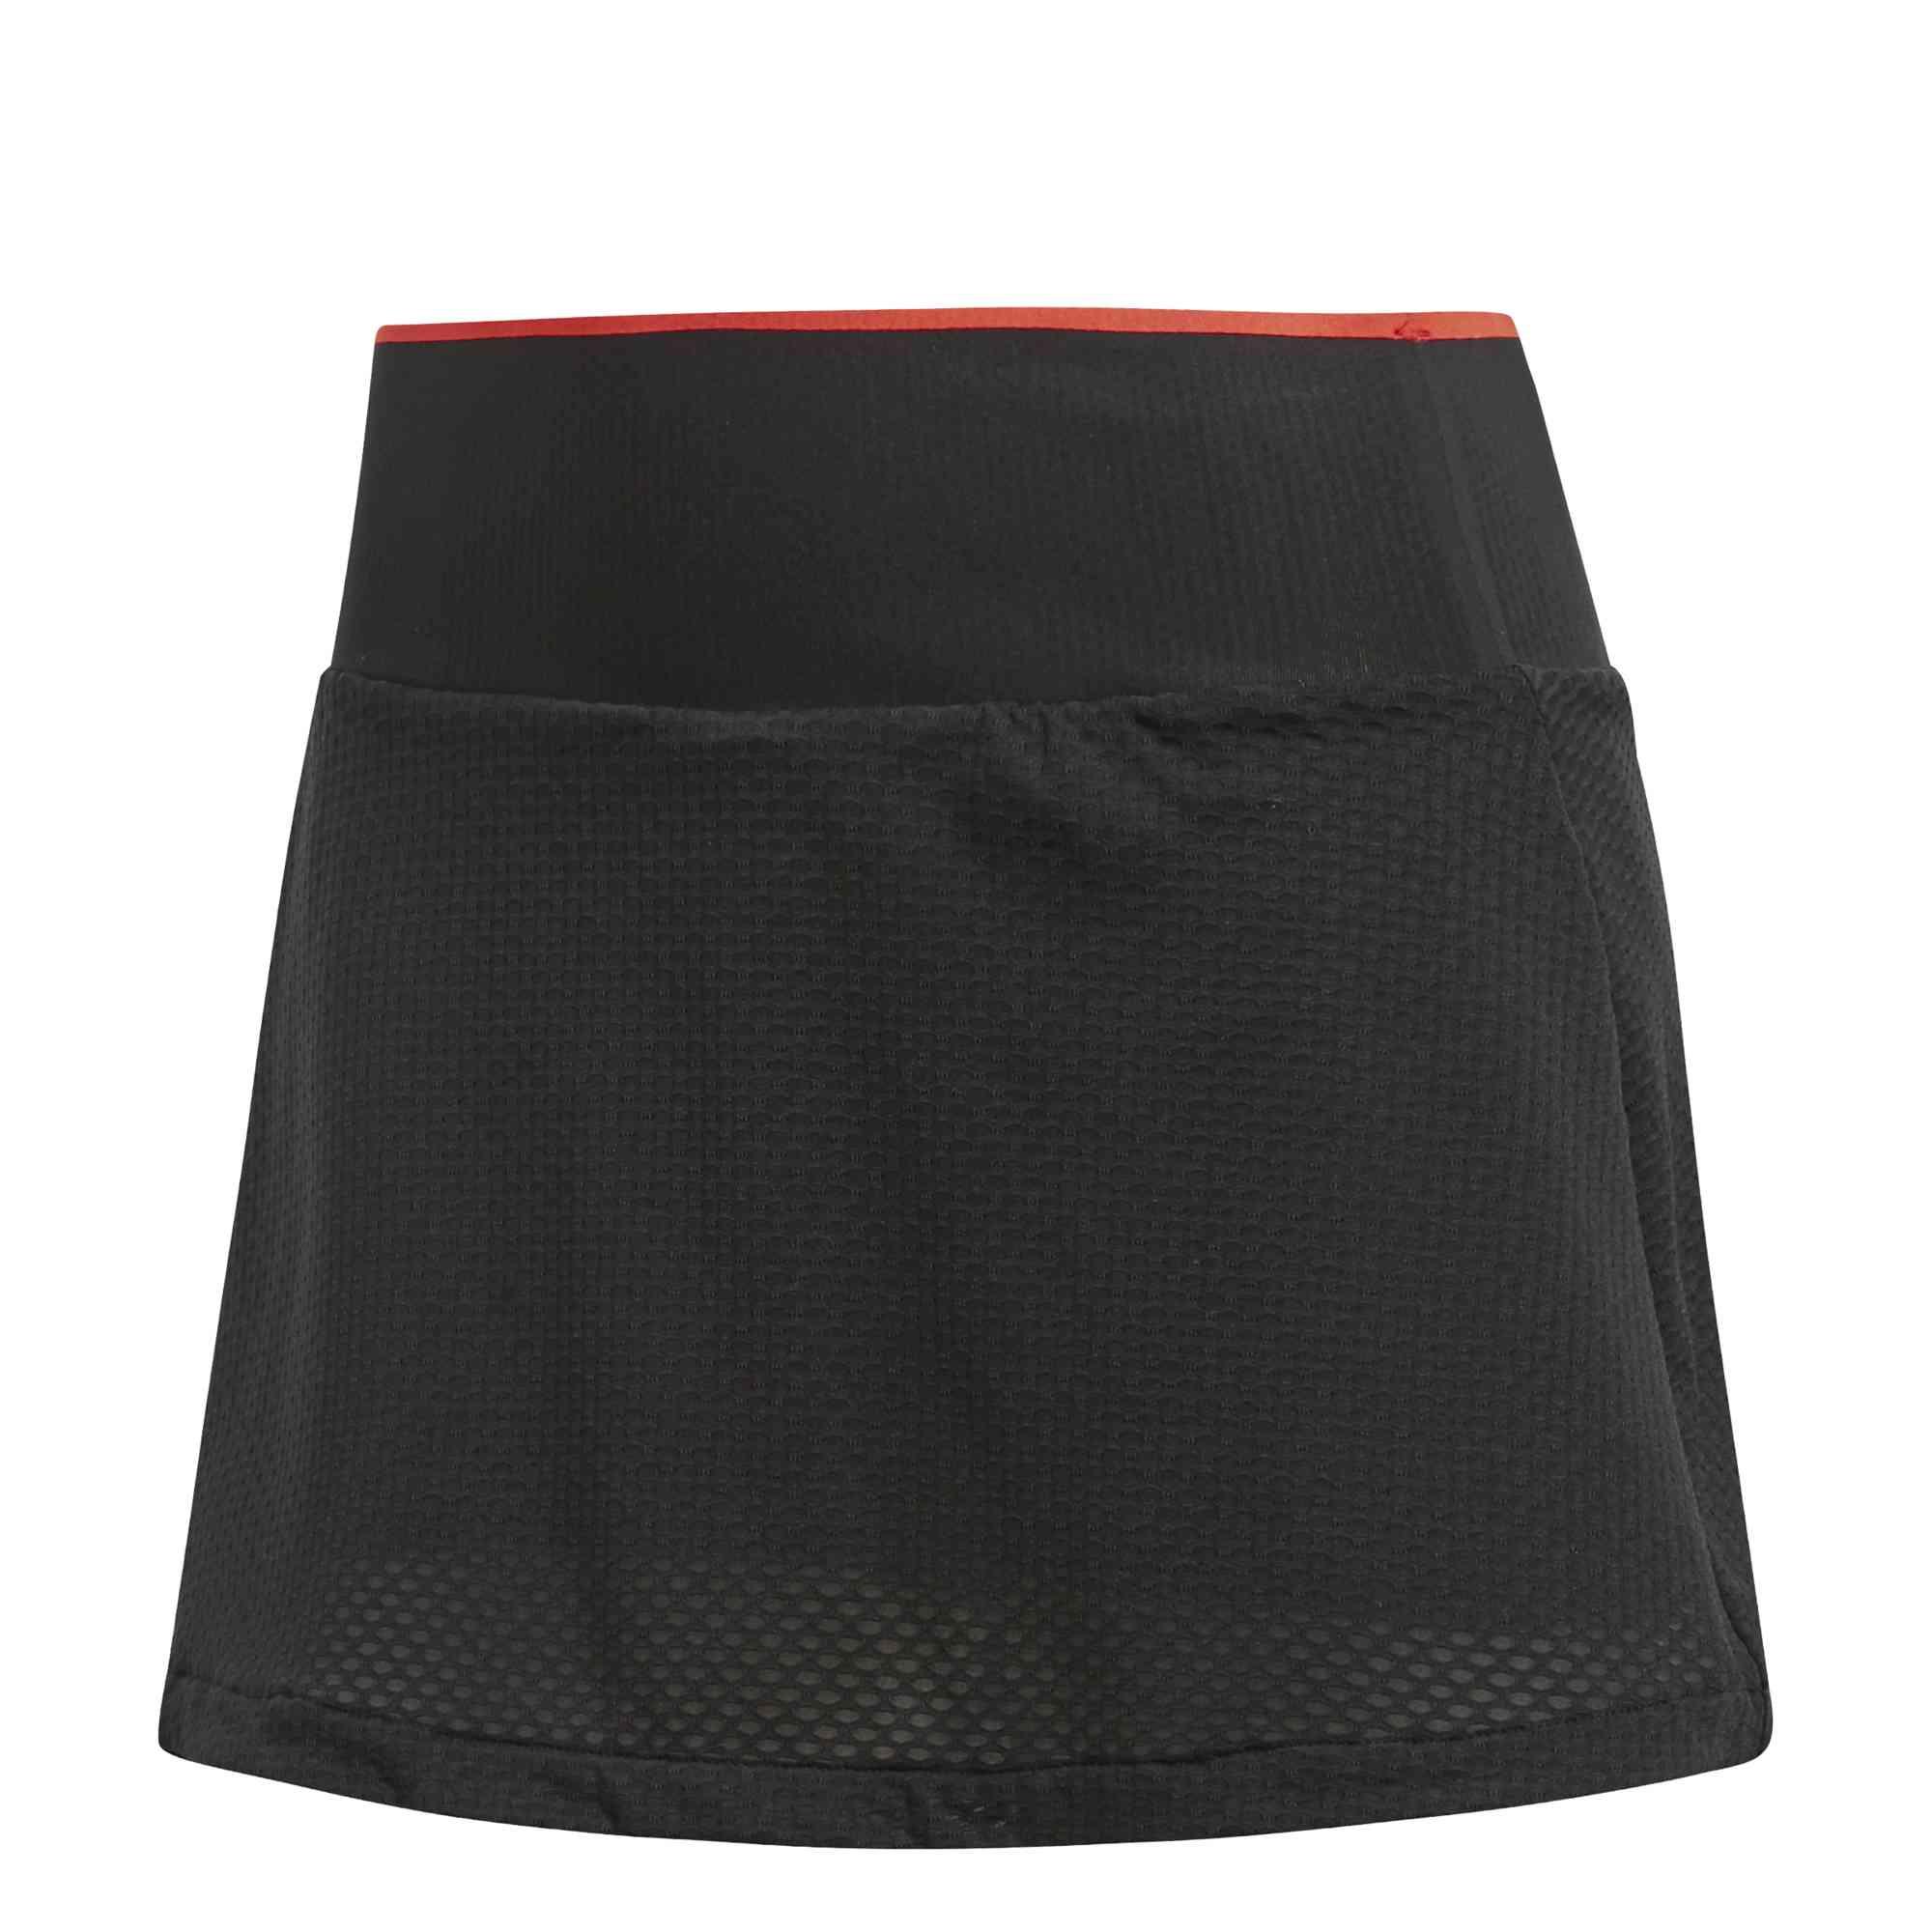 quality design 1d334 67840 adidas Adidas Barricade Skirt Dames Tennisrokje adidas kopen in de  aanbieding